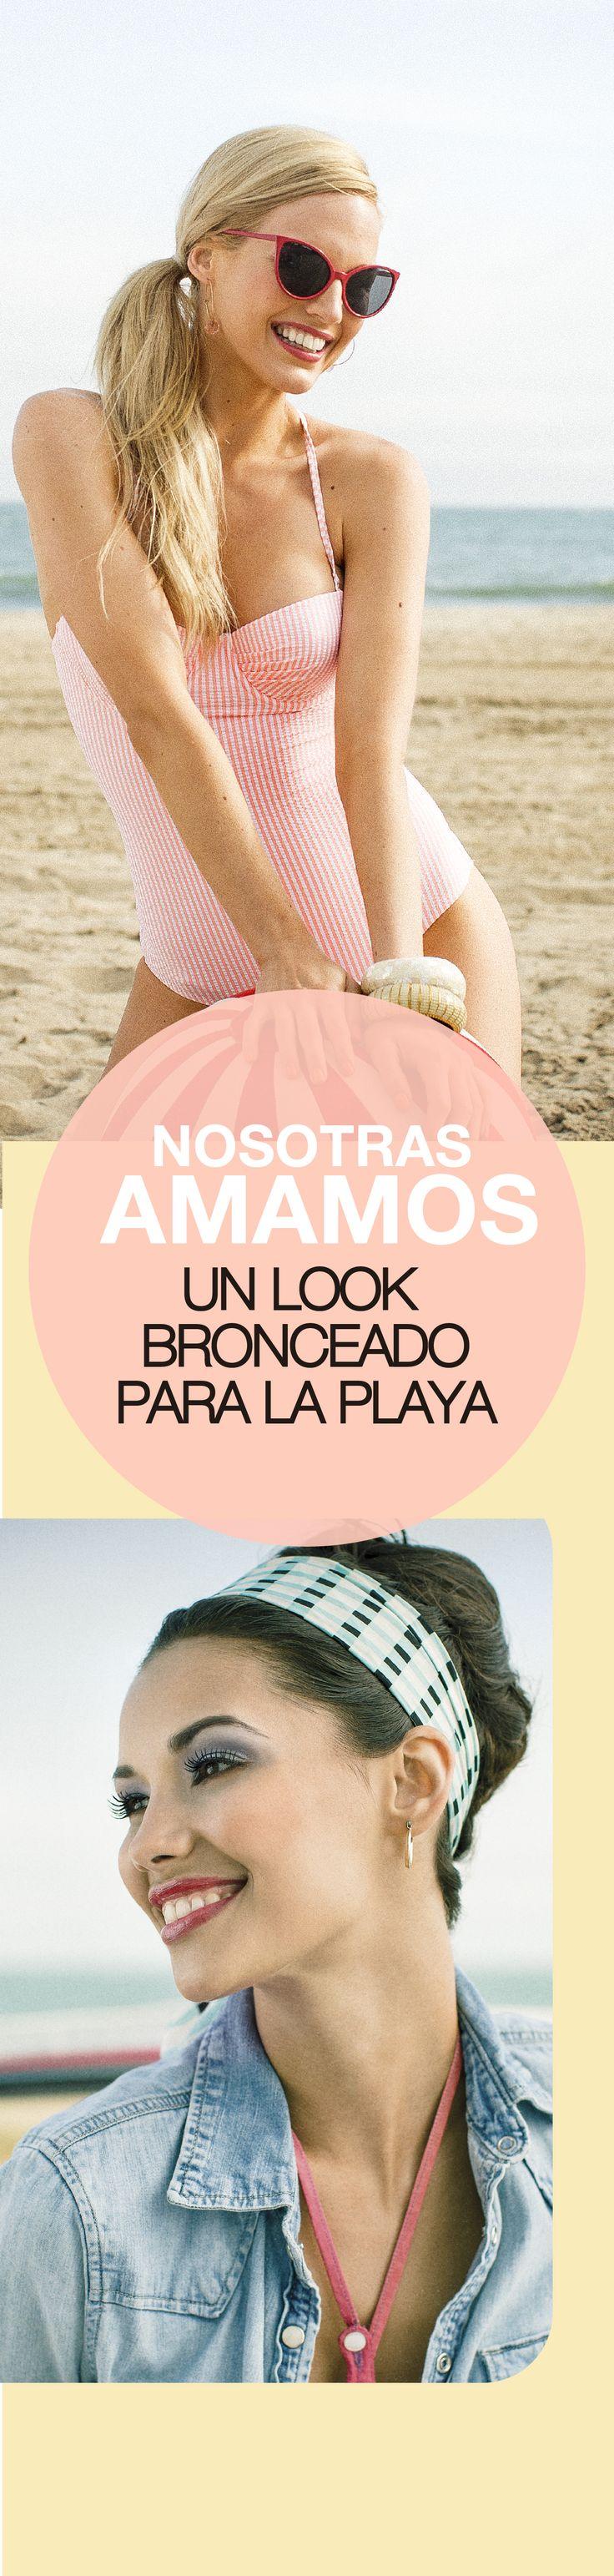 Resalta tu feminidad y crea tu look para la playa con nuestro Maquillador Virtual.   Descárgalo aquí en www.marykay.com.co  #BeautyTips #MakeUp #TipsMaryKay